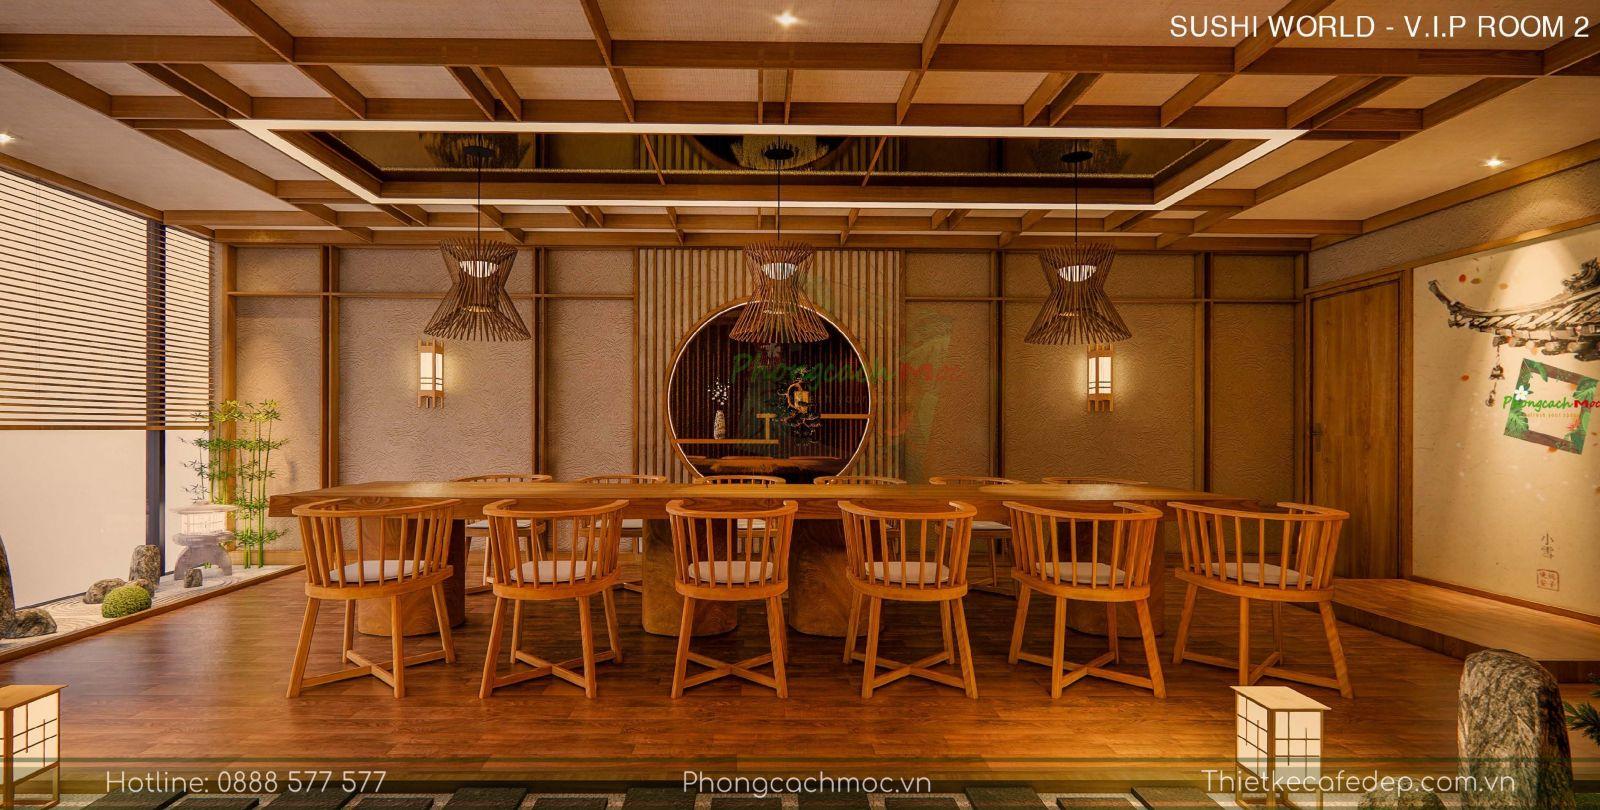 mau-thiet-ke-nha-hang-nhat-ban-hien-dai-sushi-world-viprooms-15